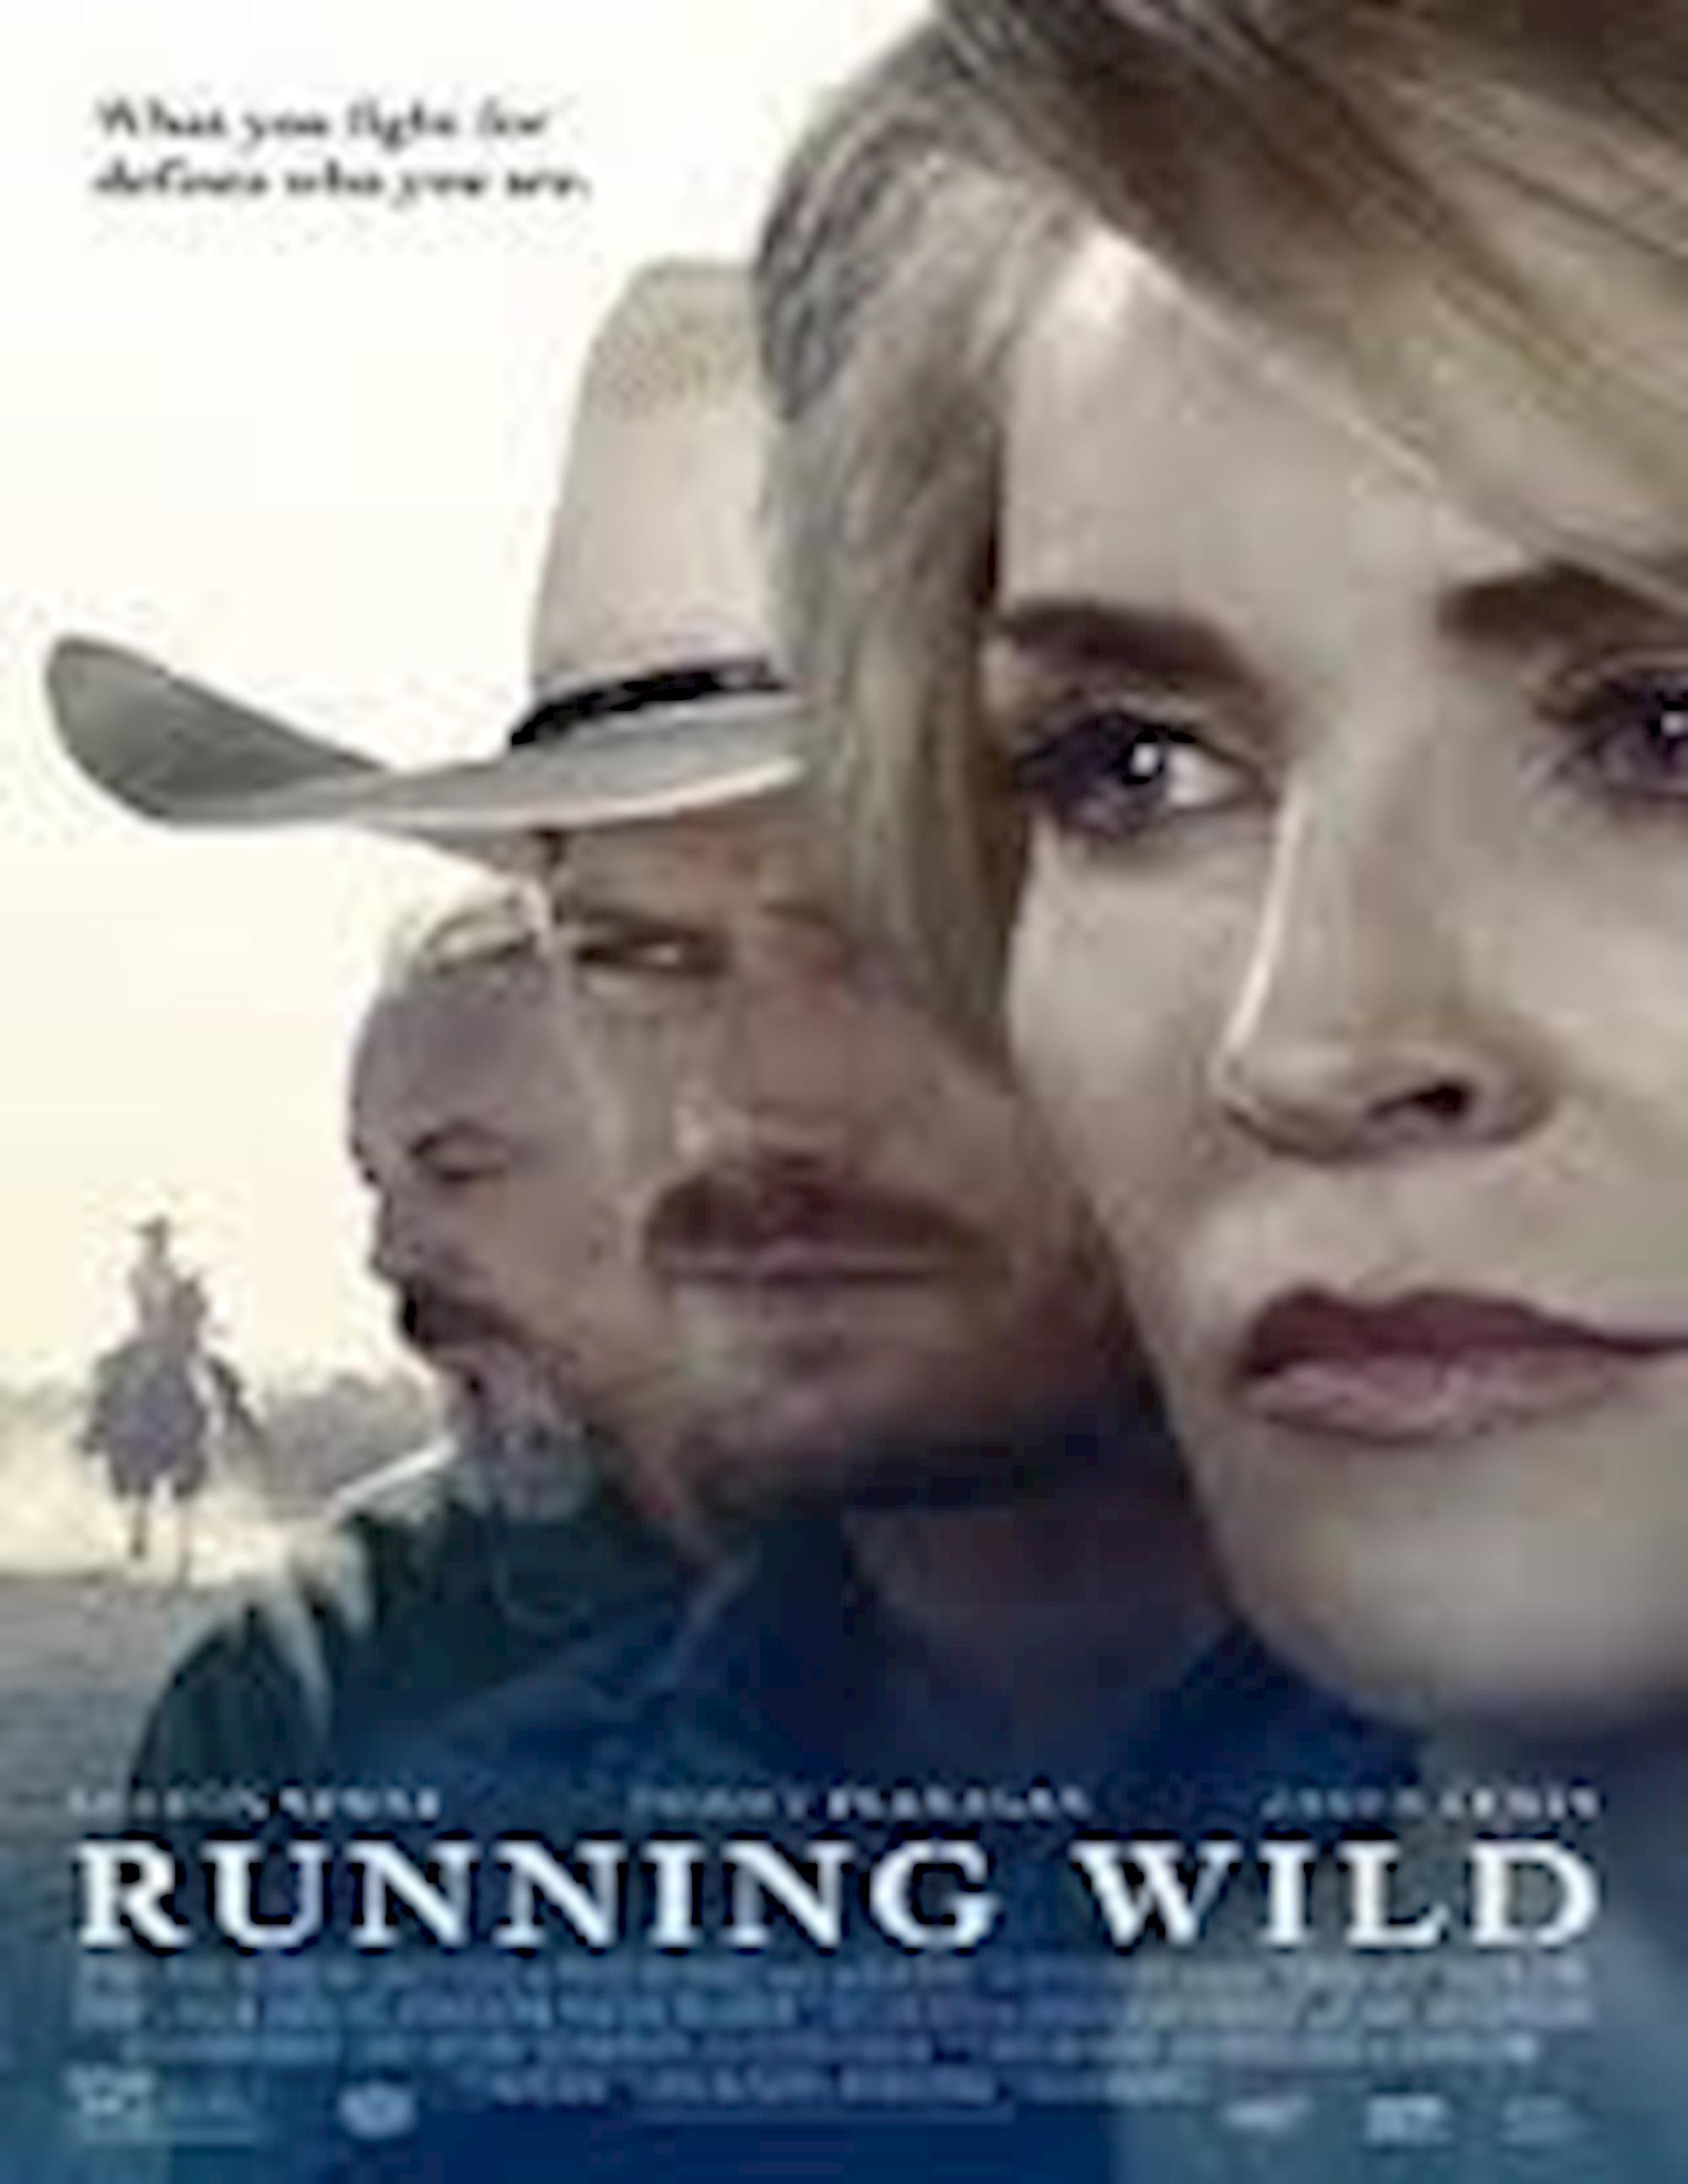 filmes de cavalos,dicas de filmes, Running Wild, Corrida Selvagem,